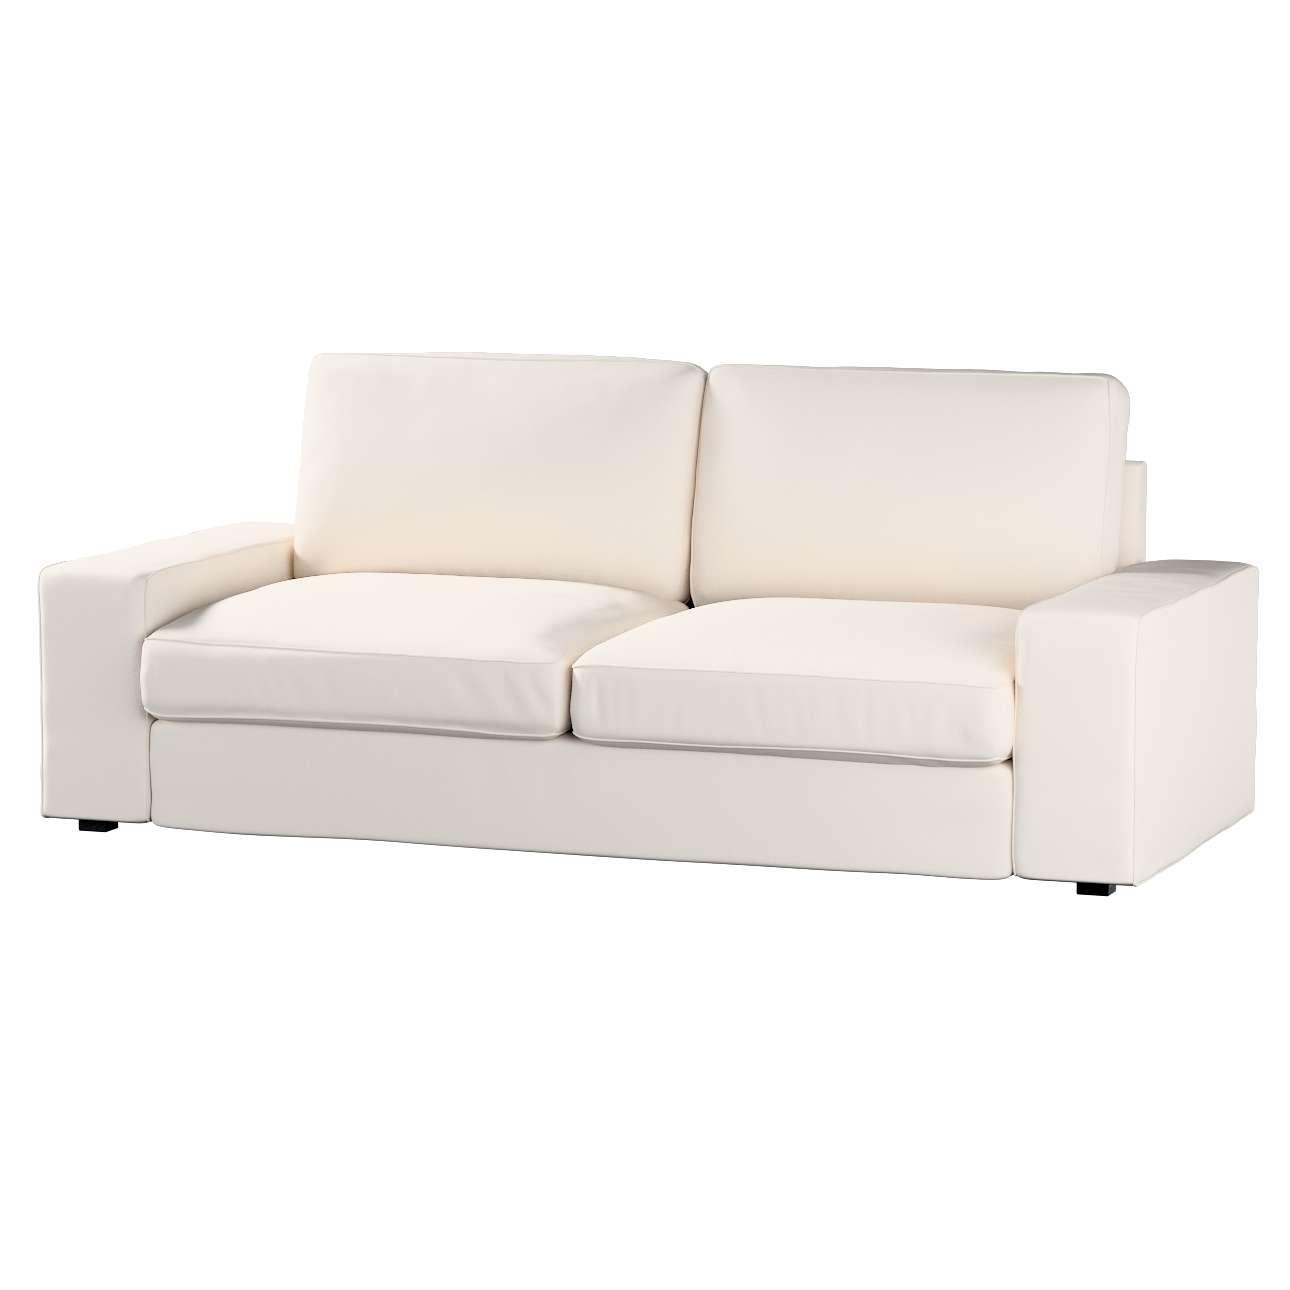 KIVIK trivietės sofos užvalkalas Kivik 3-seat sofa kolekcijoje Etna , audinys: 705-01